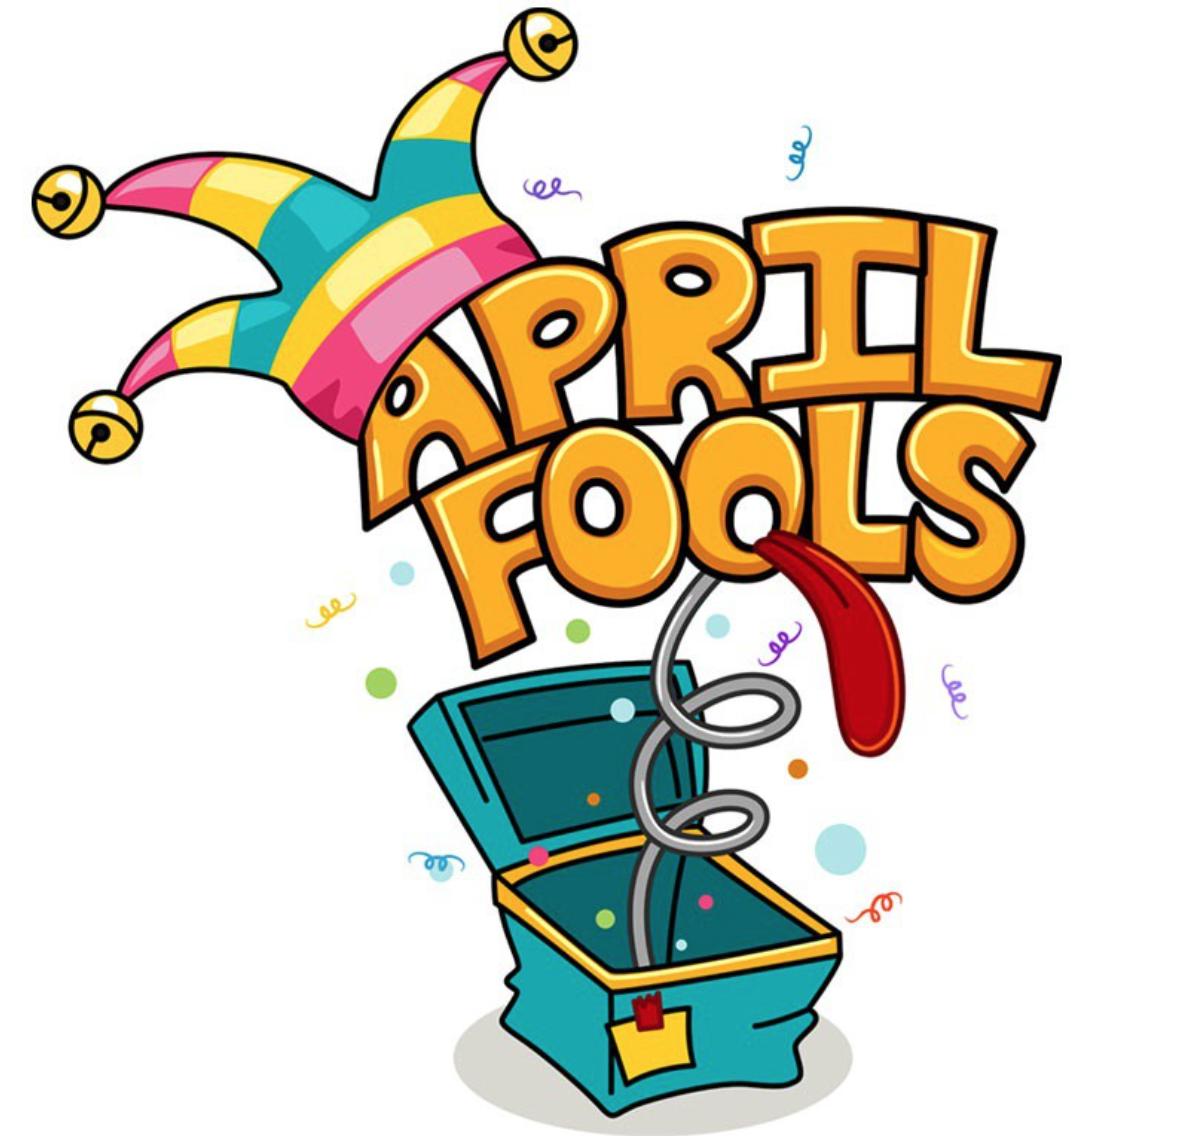 April Fools Blog